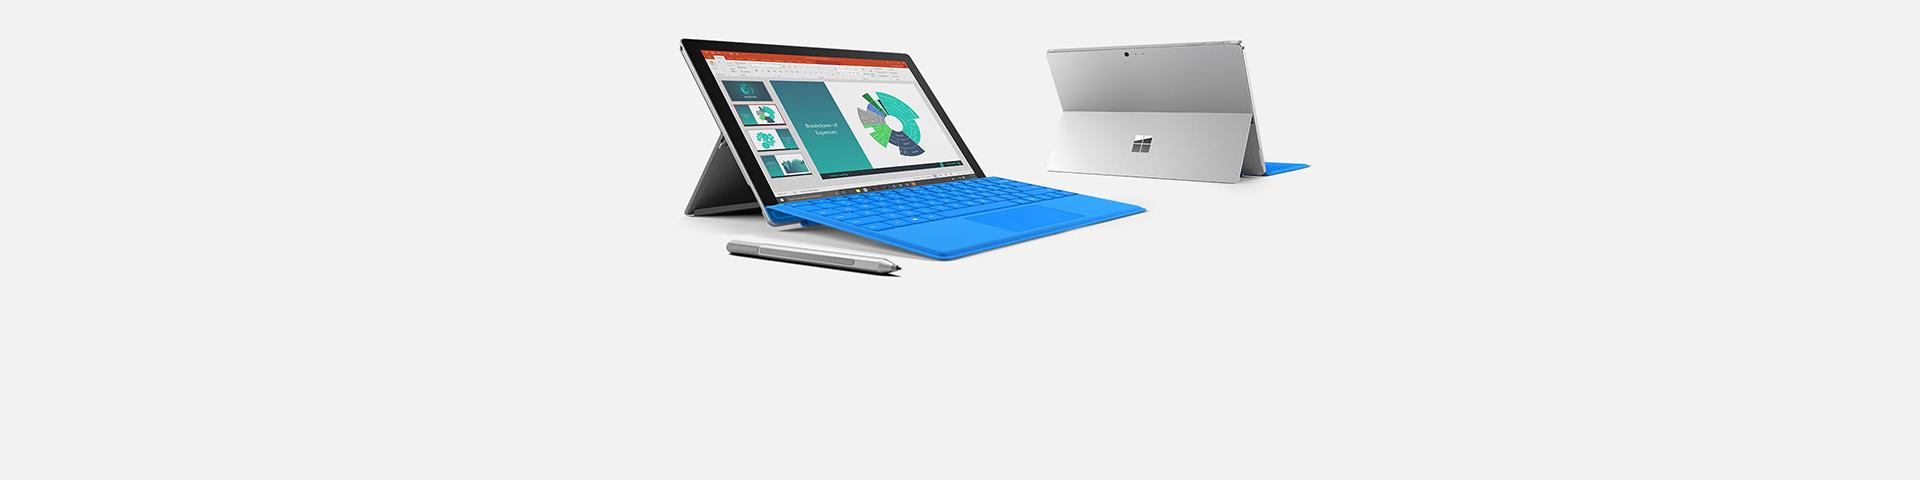 Surface Pro 4-enheder